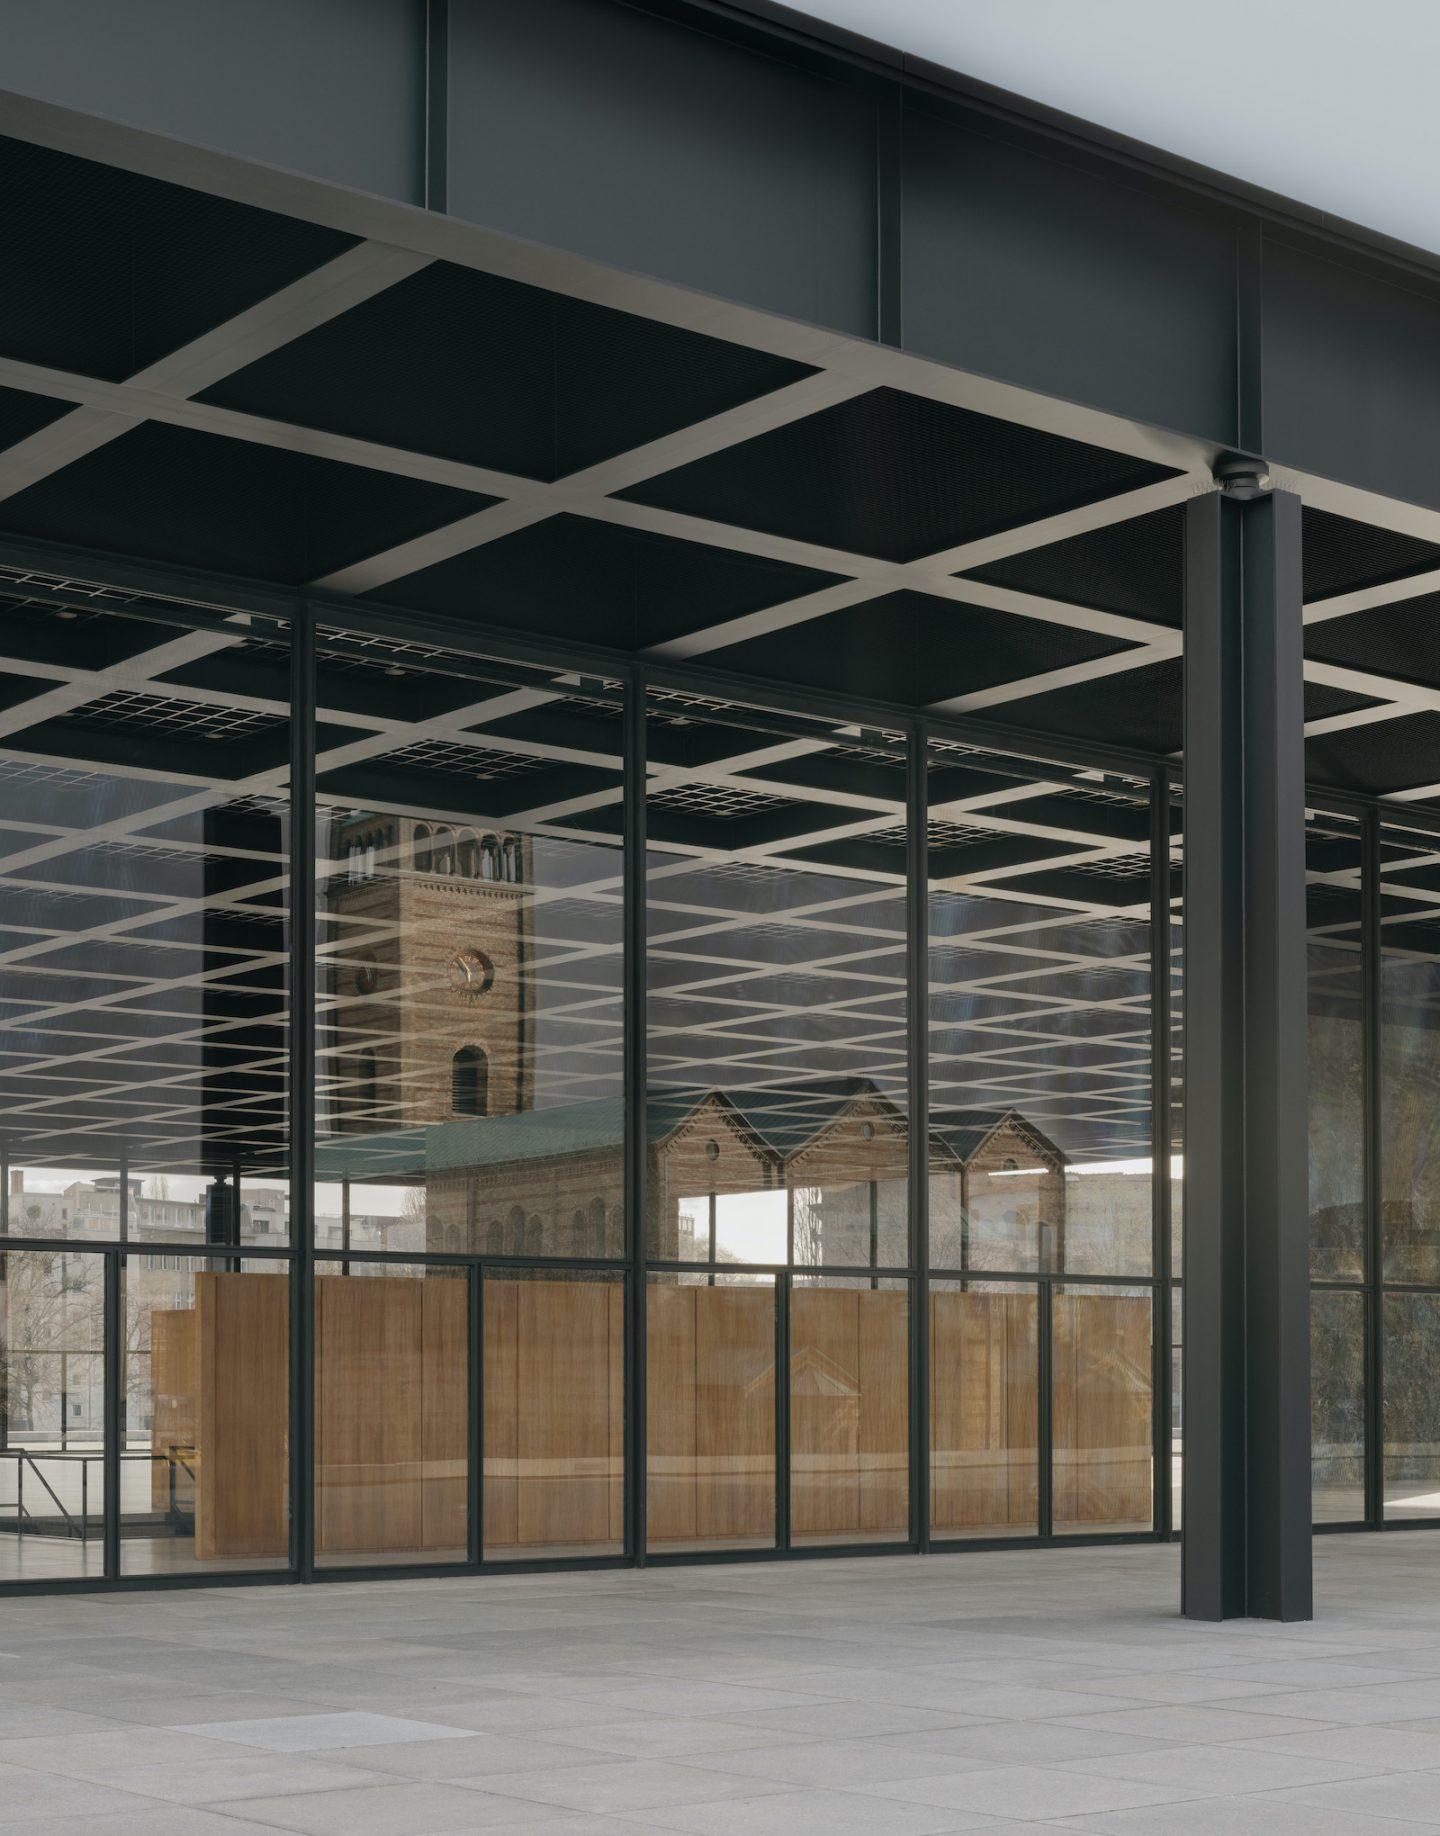 IGNANT-Architecture-Neue-Nationalgalerie-06